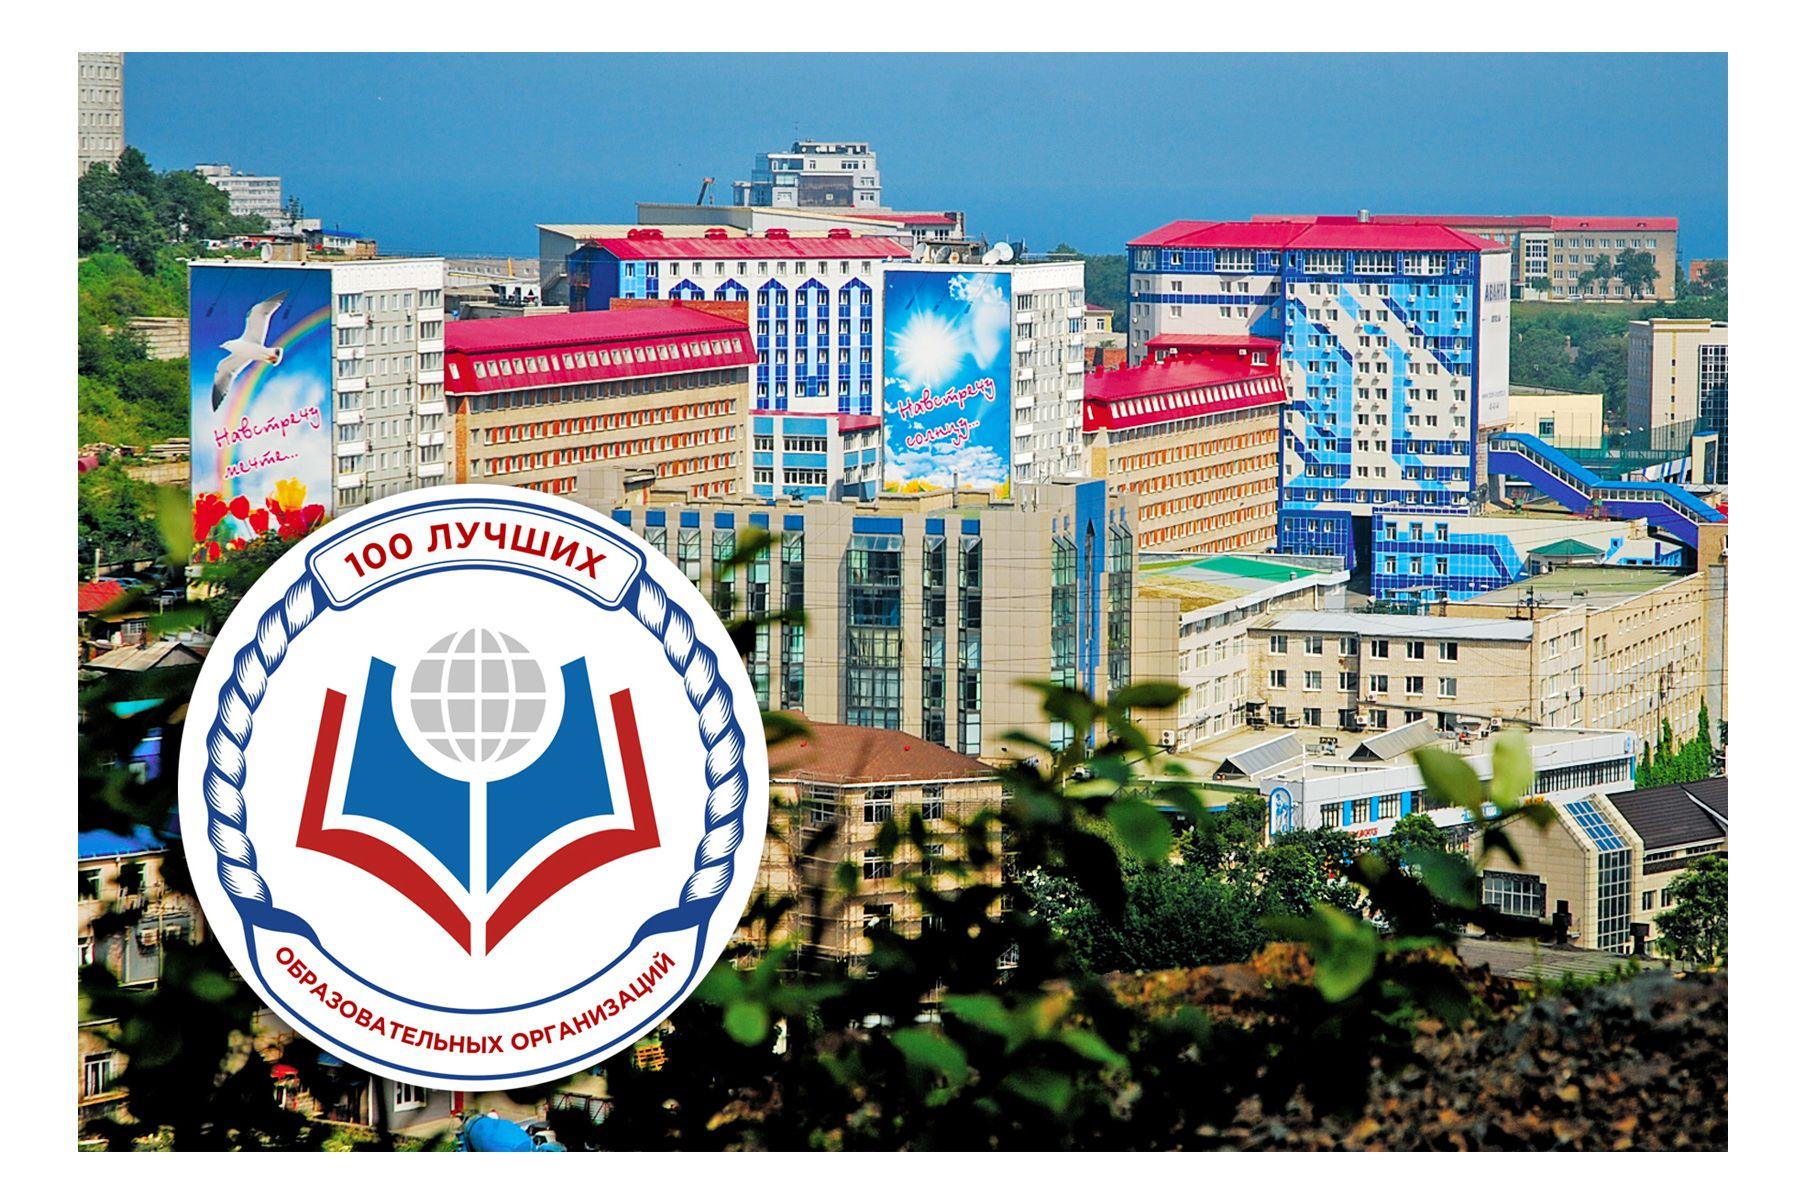 Высокая эффективность и качество образовательных услуг: ВГУЭС вошел в реестр «100 лучших образовательных организаций»